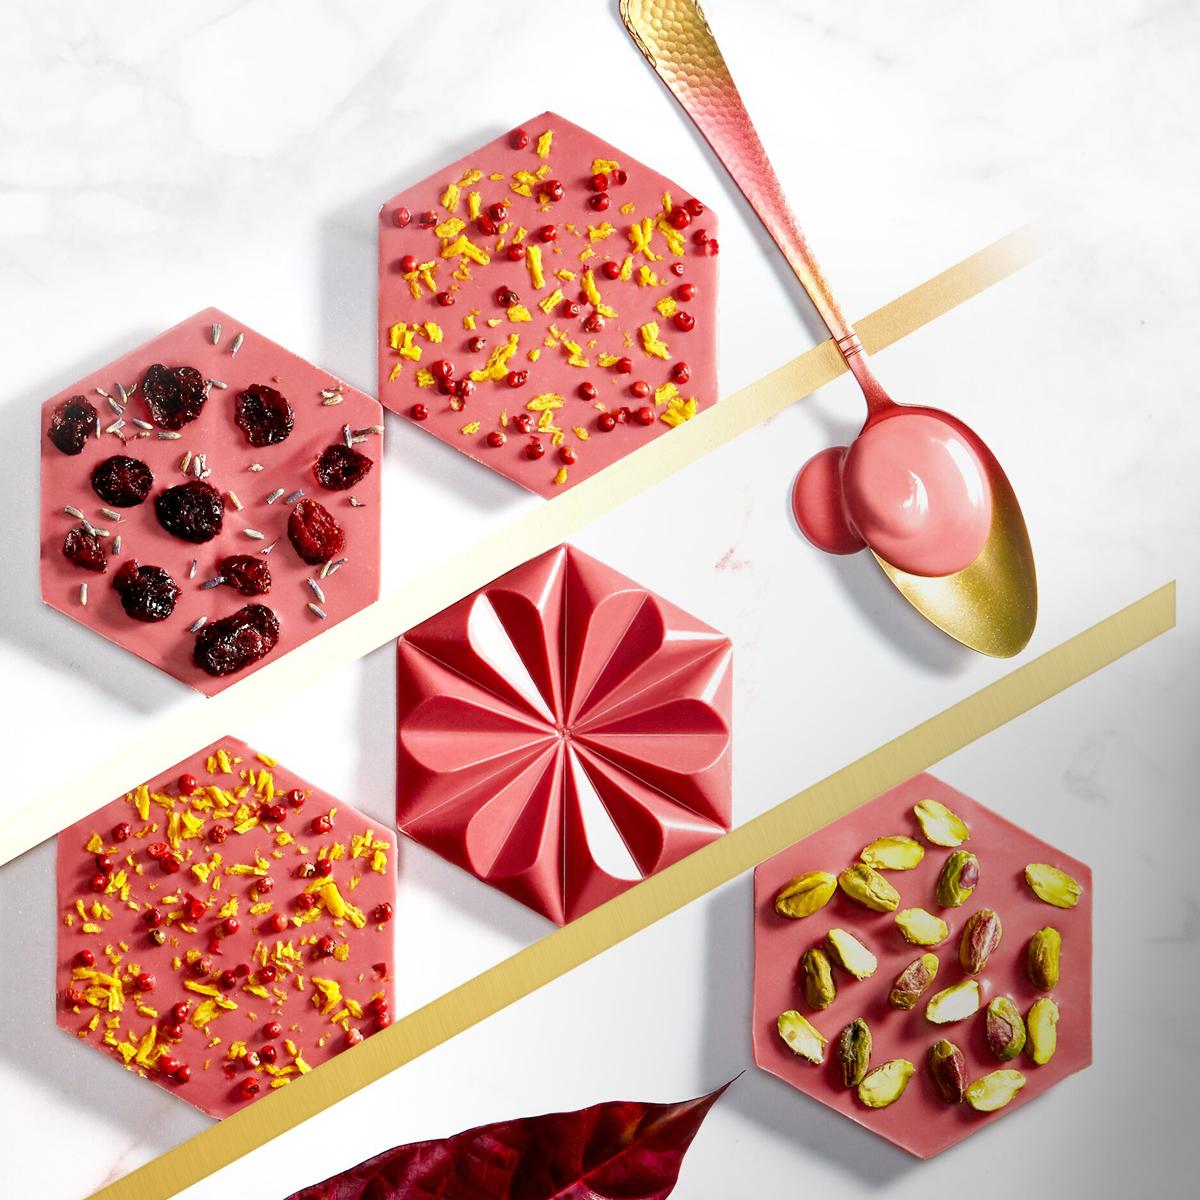 Imagen de producto: https://tienda.postreadiccion.com/img/articulos/secundarias12554-250-g-chocolate-rosa-callebaut-en-gotas-2.jpg